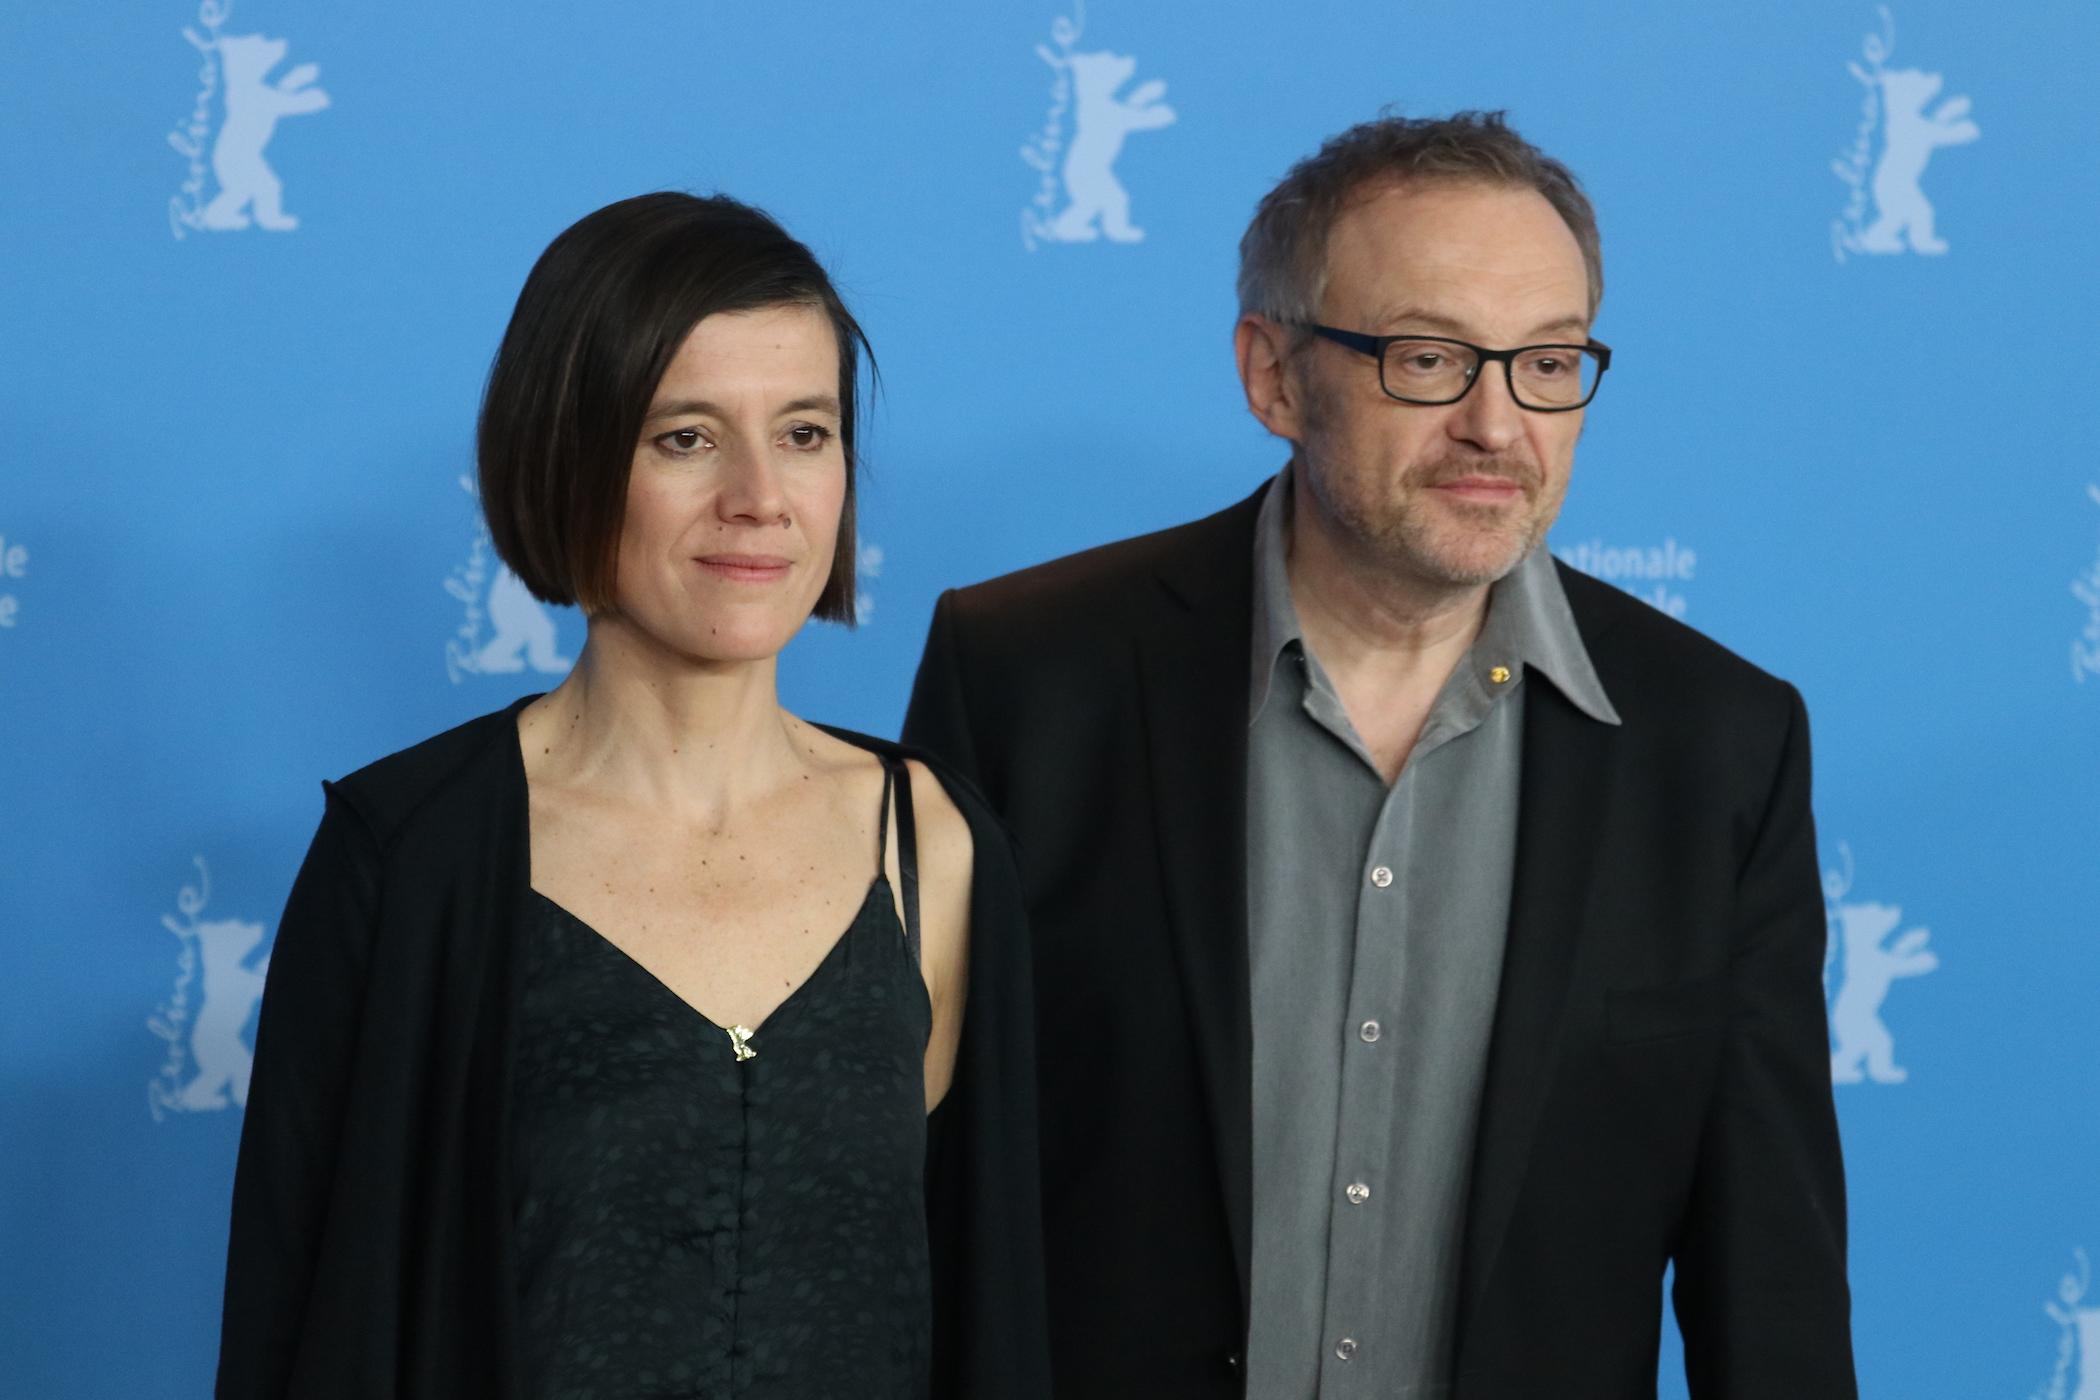 Berlino 2017: Josef Hader e Pia Hierzegger al photocall di Wilde Mouse